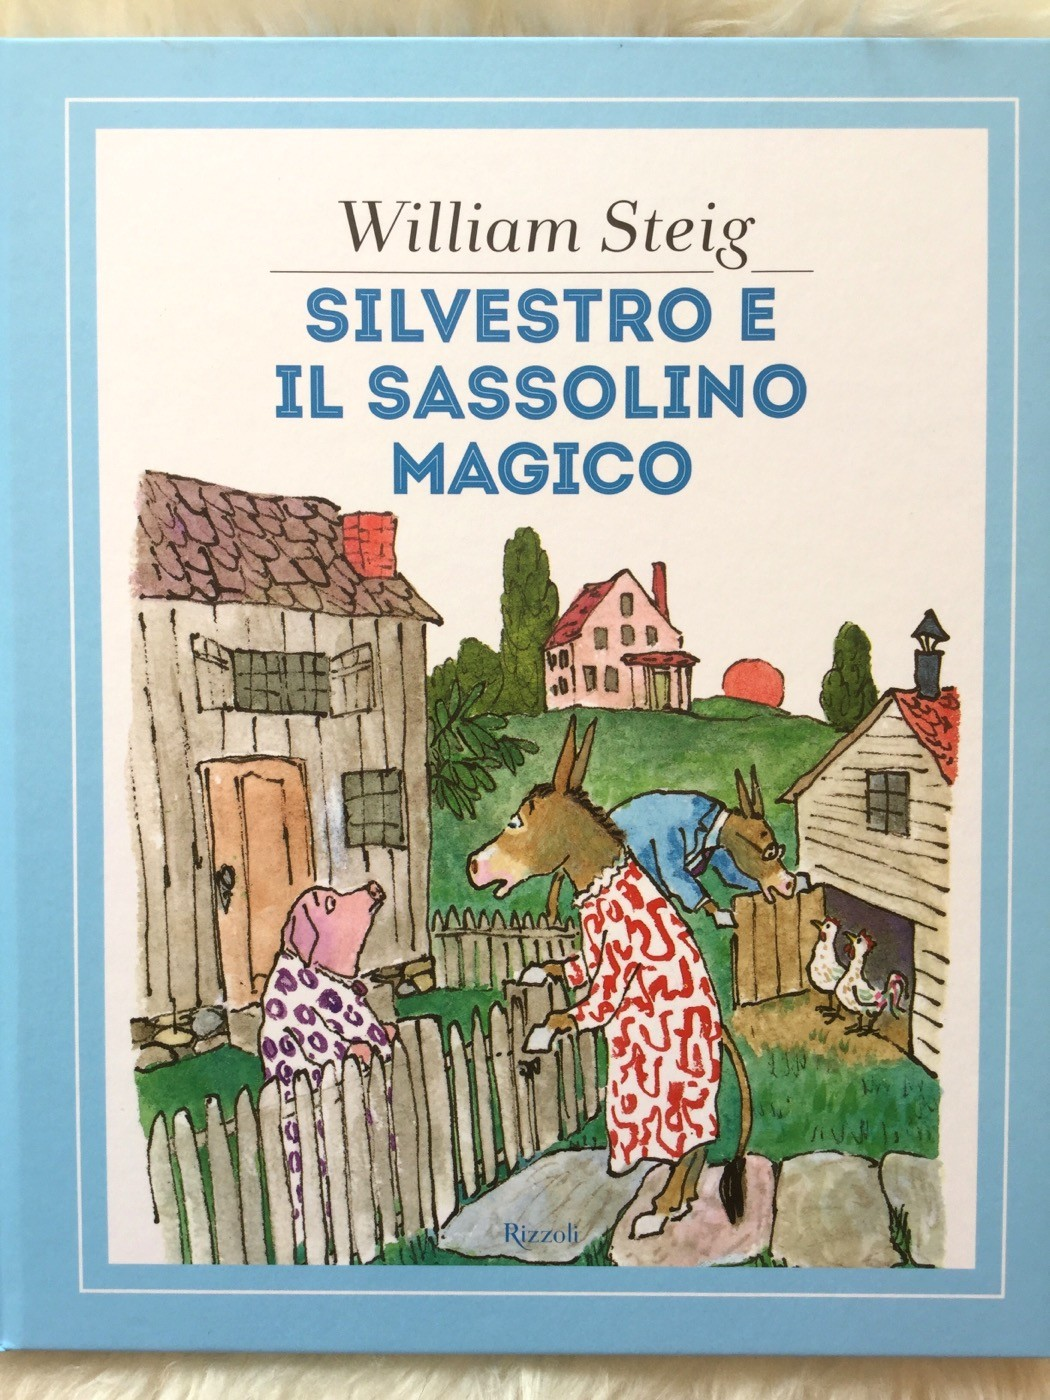 Silvestro e il sassolino magico | William Steig | Rizzoli - Galline Volanti